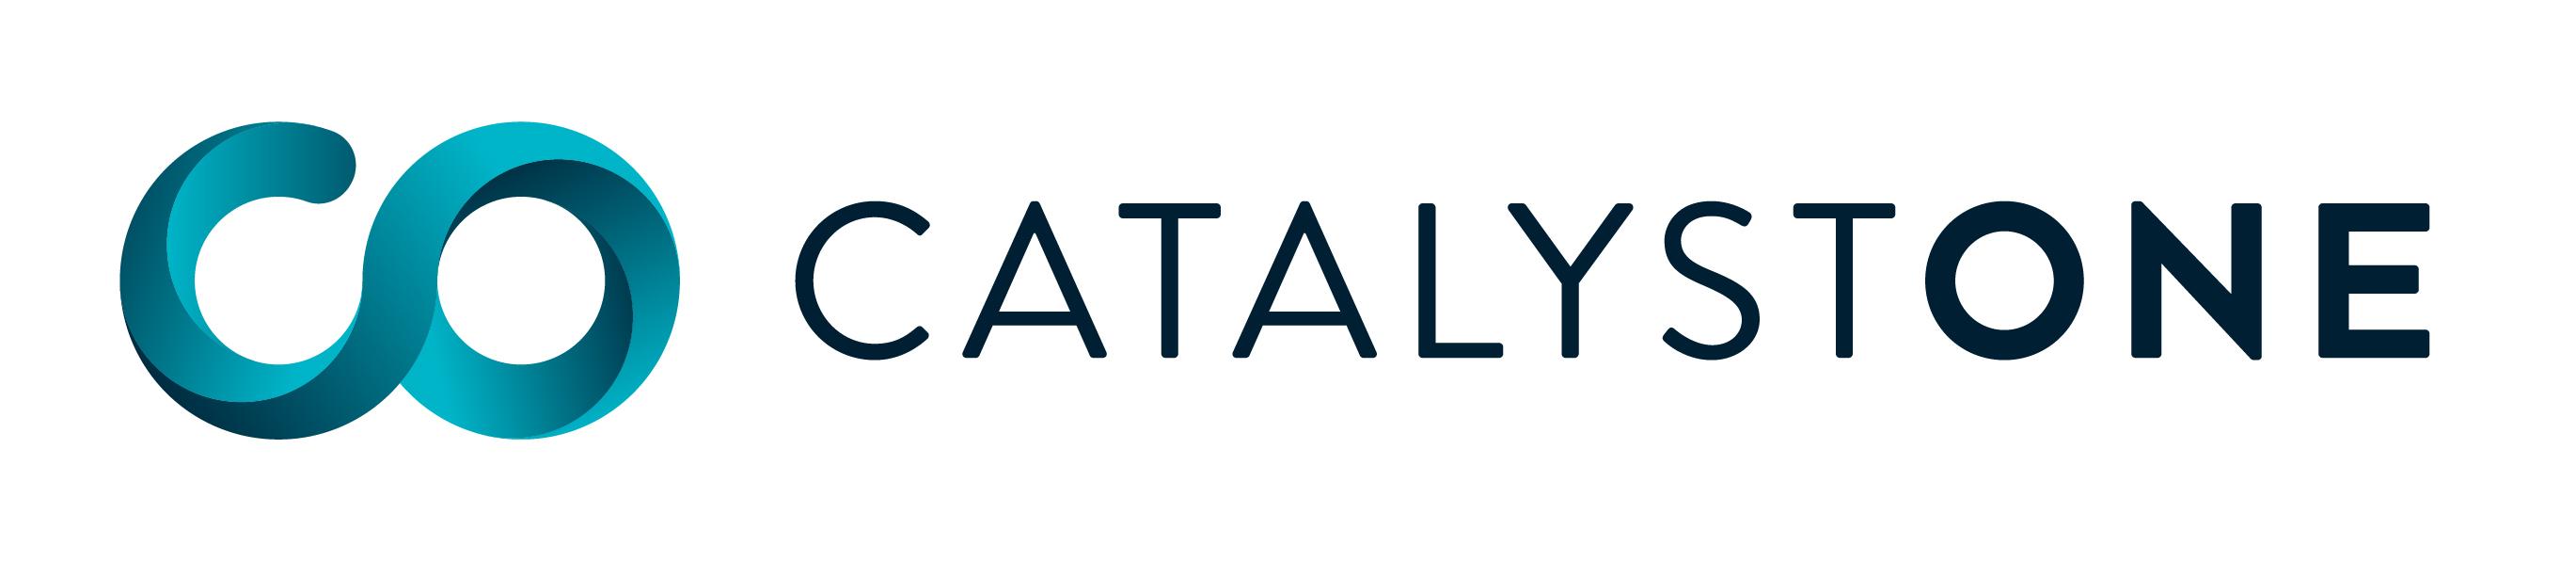 Catalystone